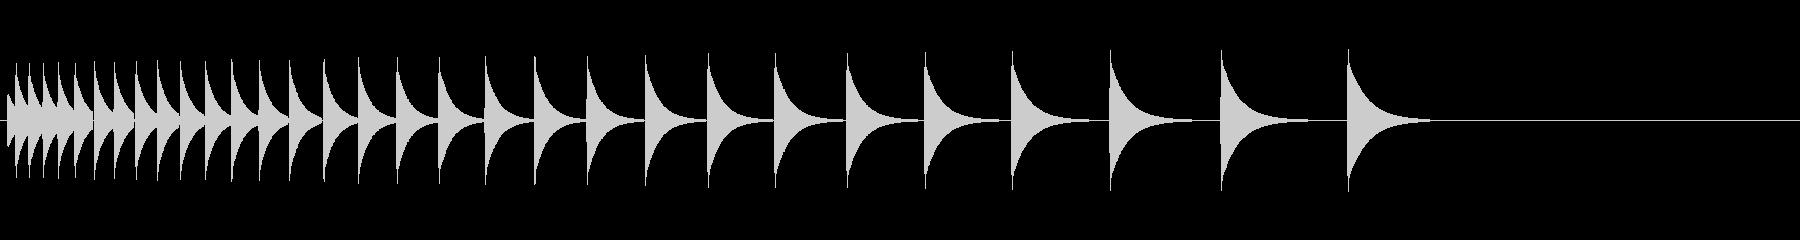 KANTクリックスクロール効果音2083の未再生の波形